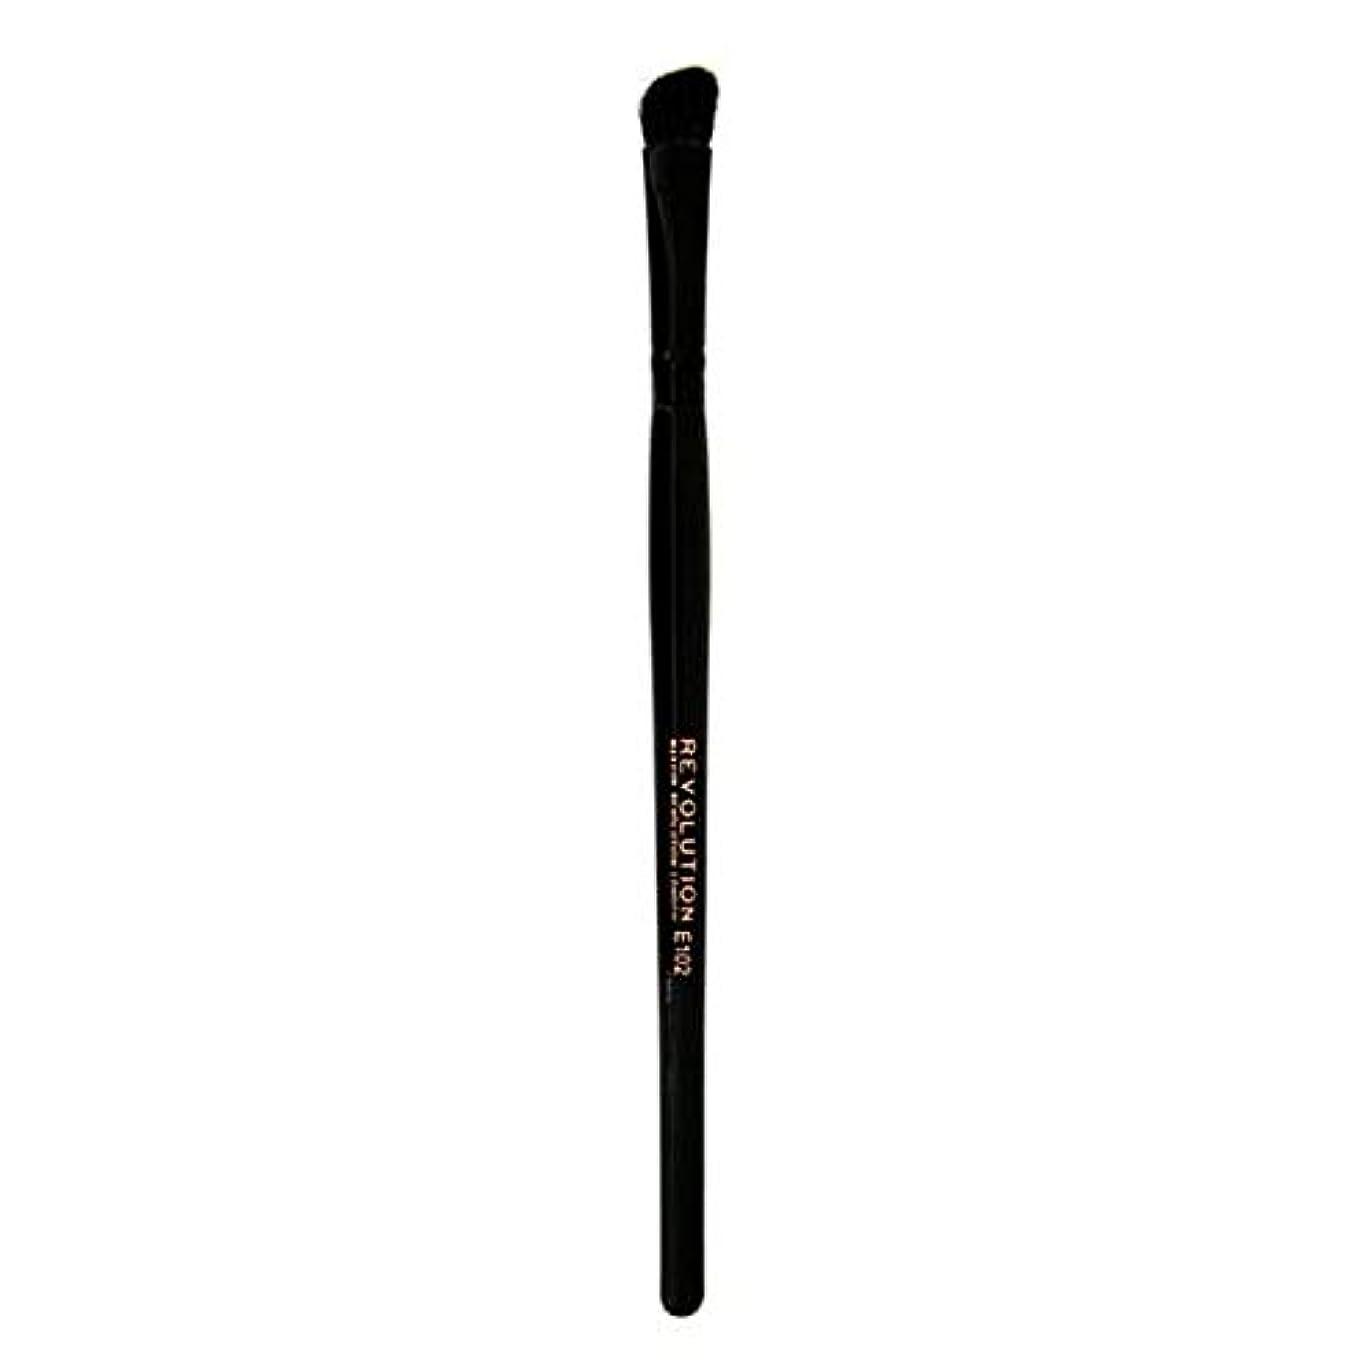 入植者人気楽しむ[Revolution ] 革命プロE102アイシャドウの輪郭メイクブラシ - Revolution Pro E102 Eyeshadow Contour Makeup Brush [並行輸入品]